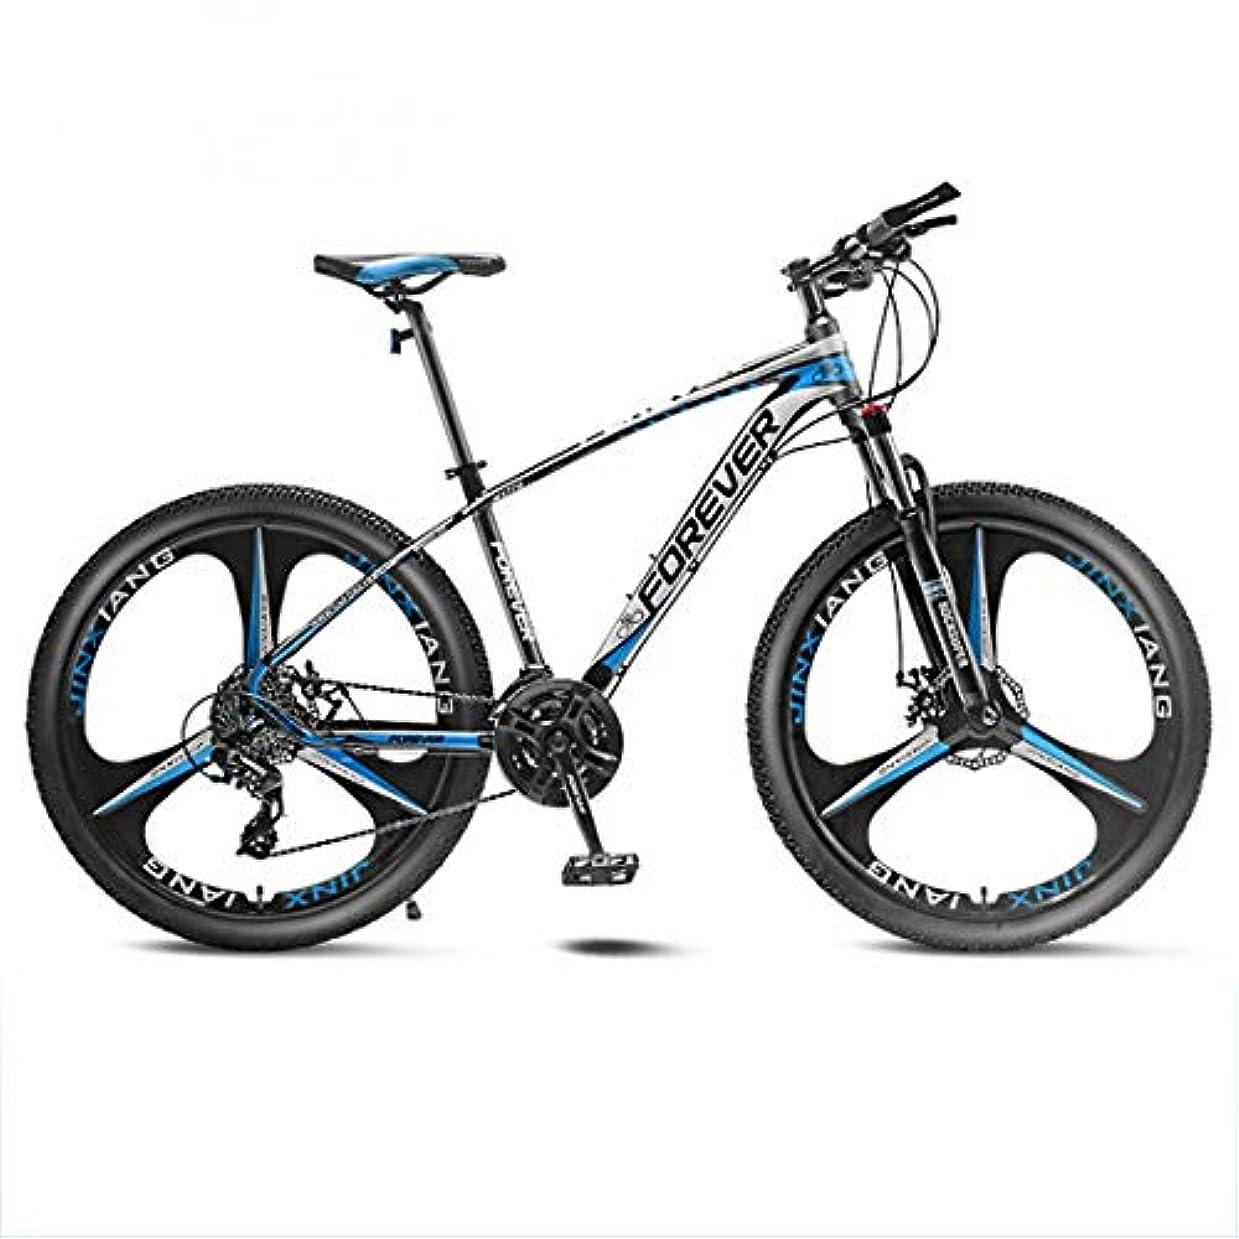 偽肘人物マウンテンバイク、アルミ合金フレーム、24/27/30/33スピード、27.50インチの車輪径、メンズ自転車アウトドア乗馬アダルト